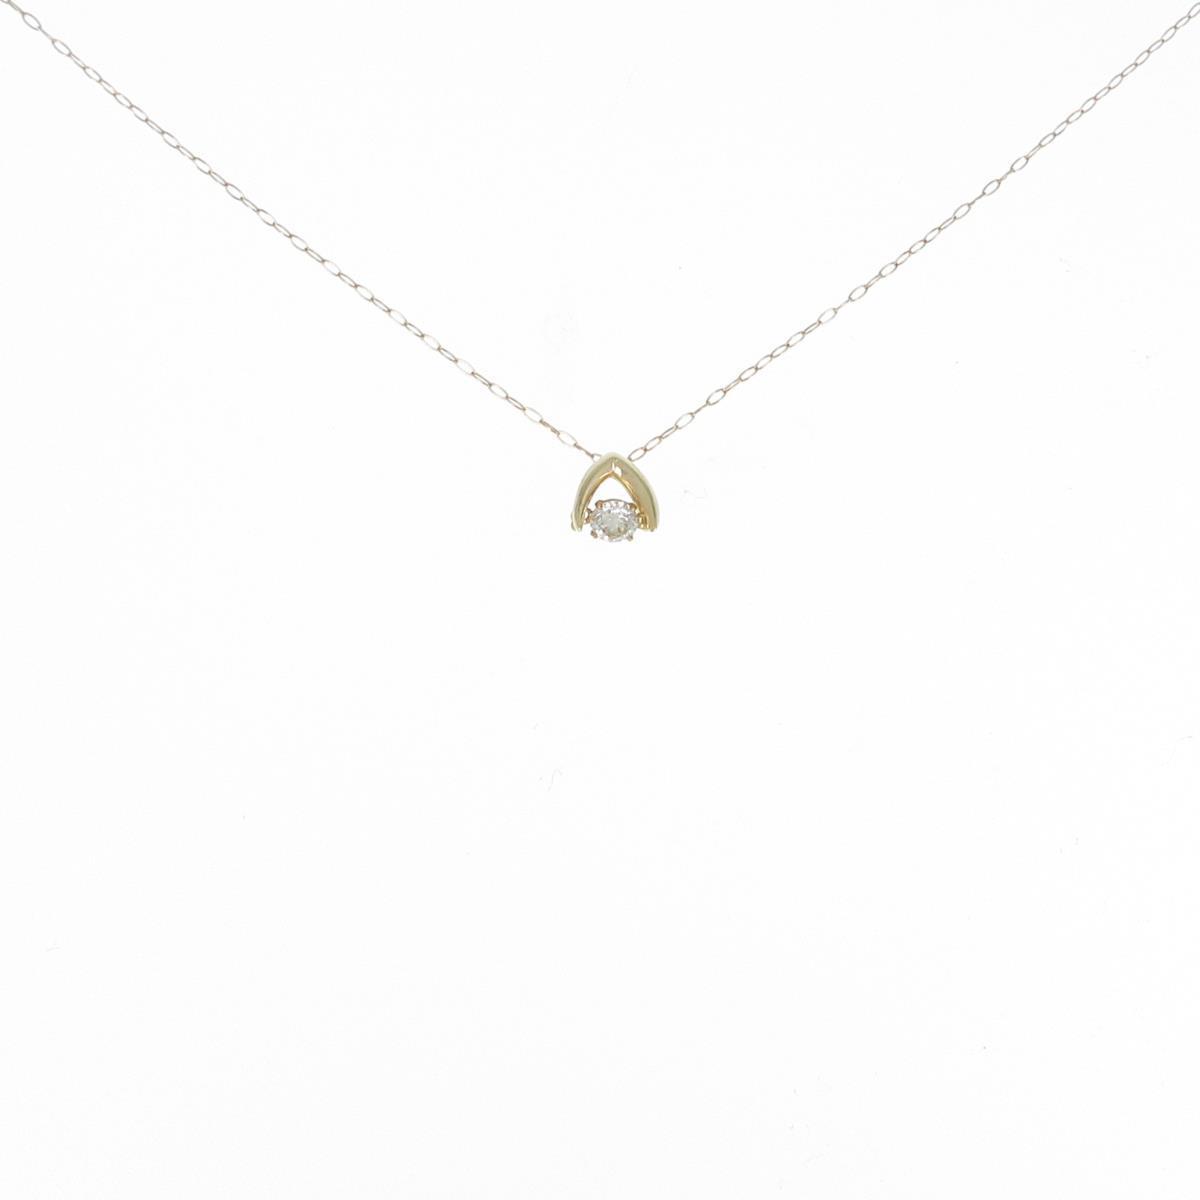 買物 買い物 K18YG ダイヤモンドネックレス 中古